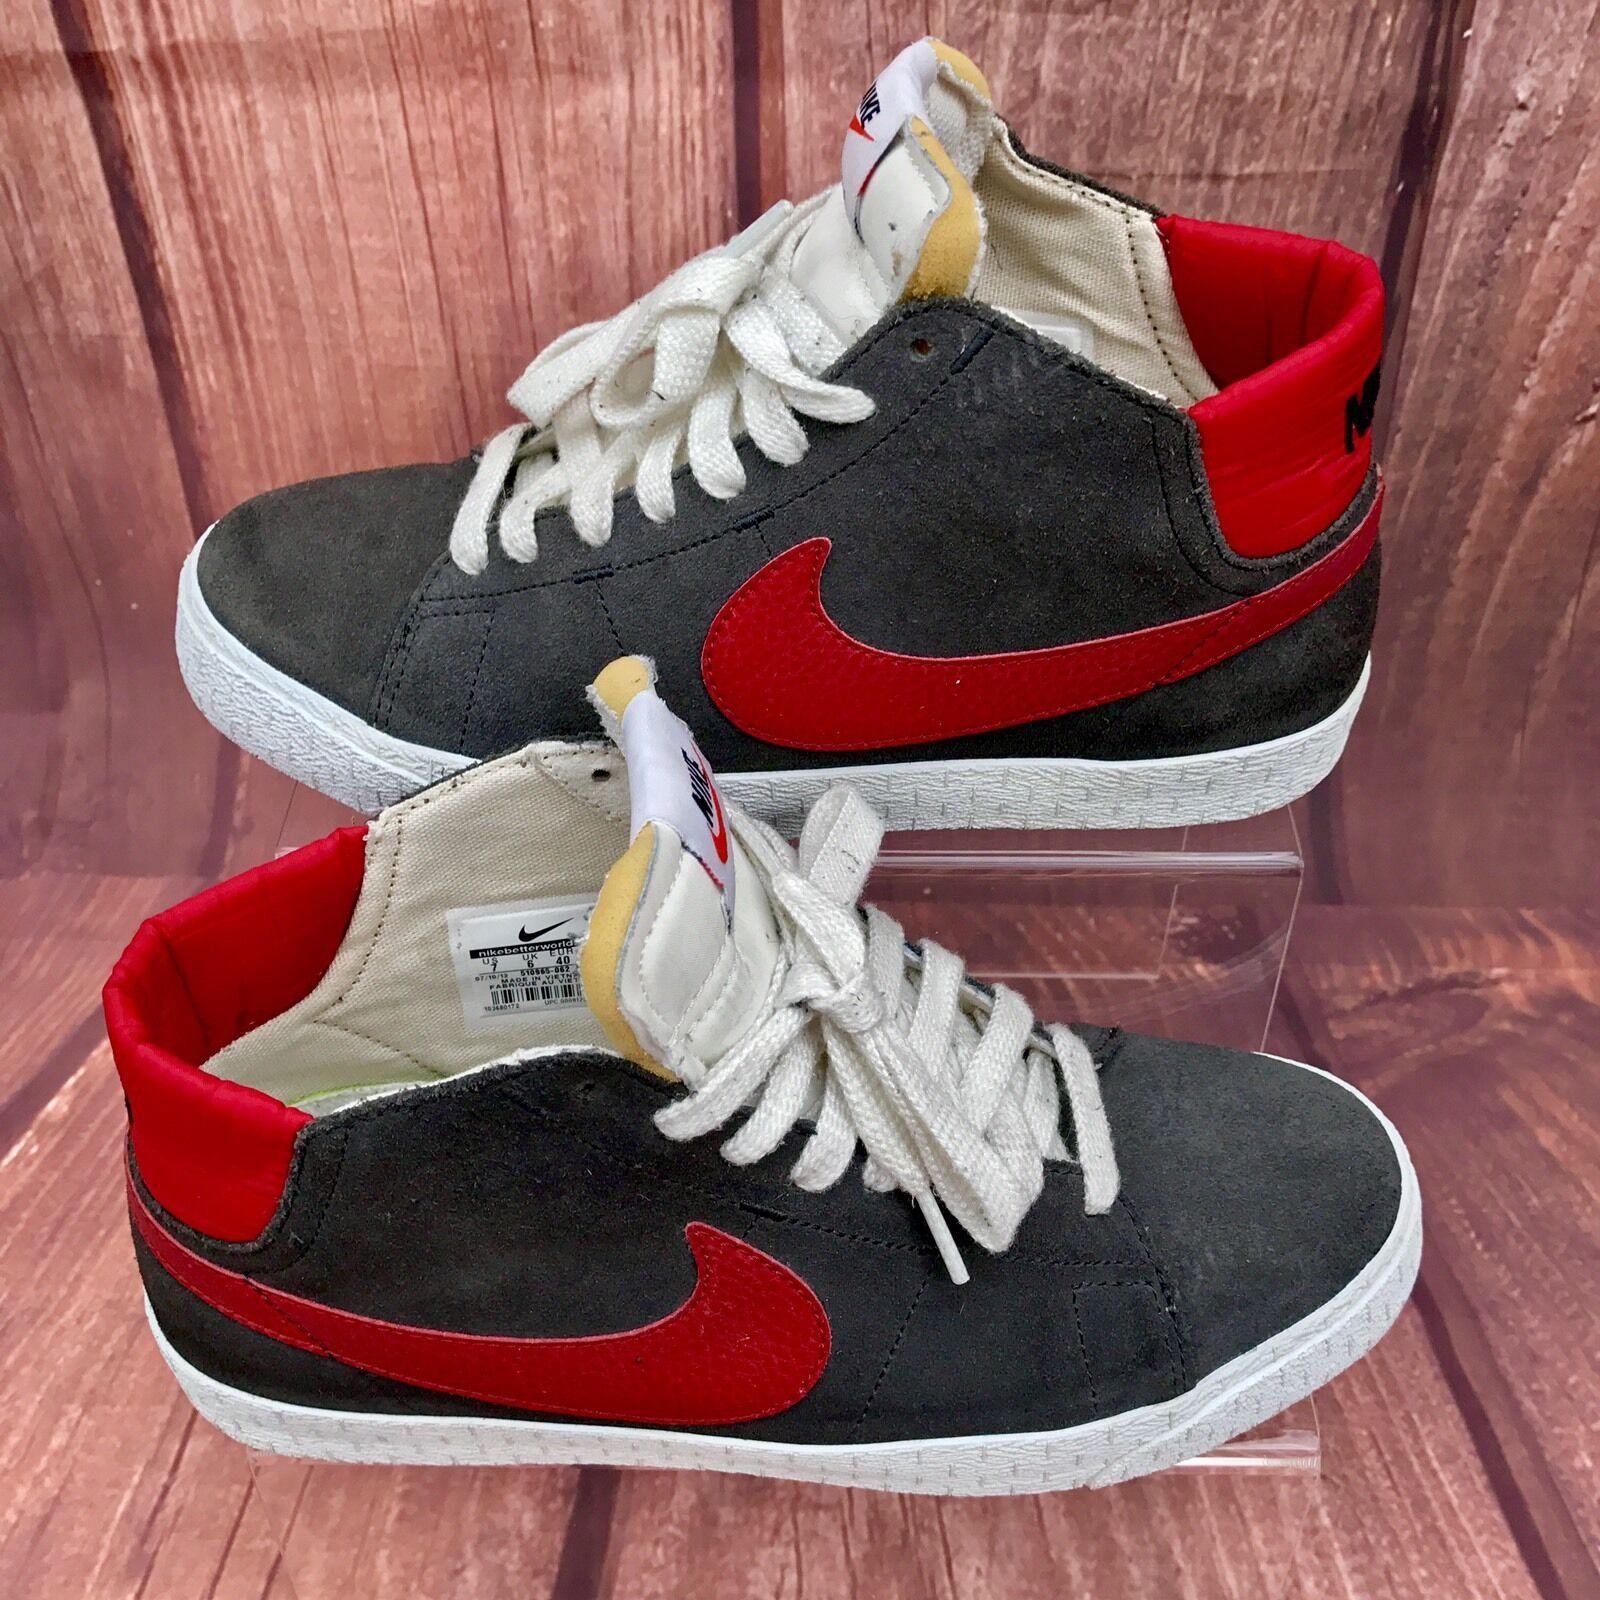 Nike Blazer LR Mid Zapatillas Mujer hombres gris 2018 blanco rojo retro zapatillas 2018 gris VGC el último descuento zapatos para hombres y mujeres 1c0636